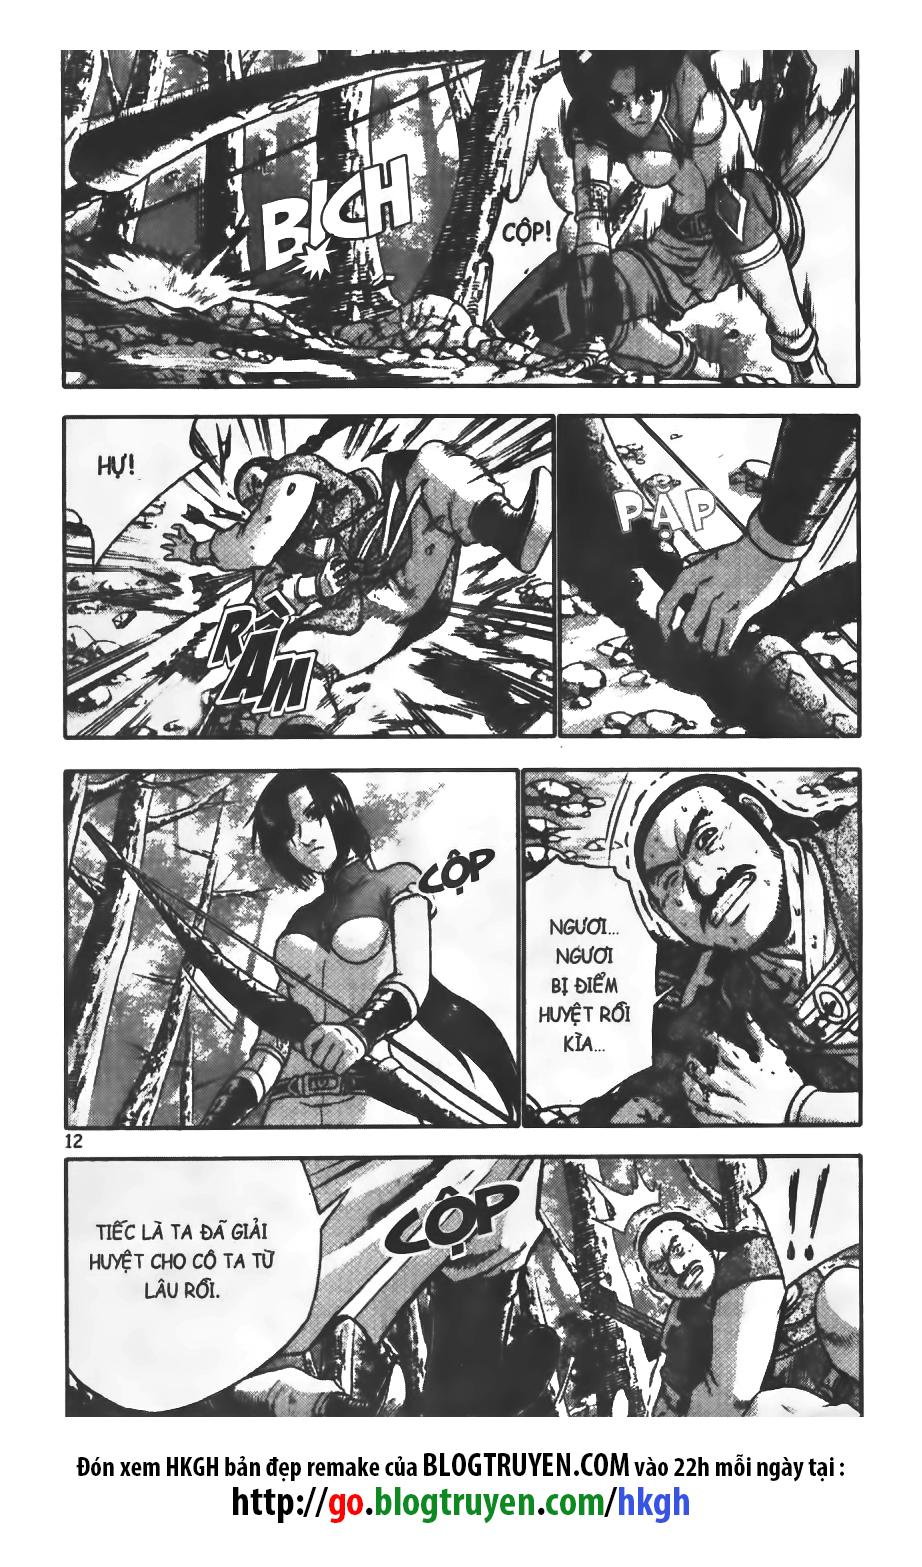 xem truyen moi - Hiệp Khách Giang Hồ Vol47 - Chap 324 - Remake